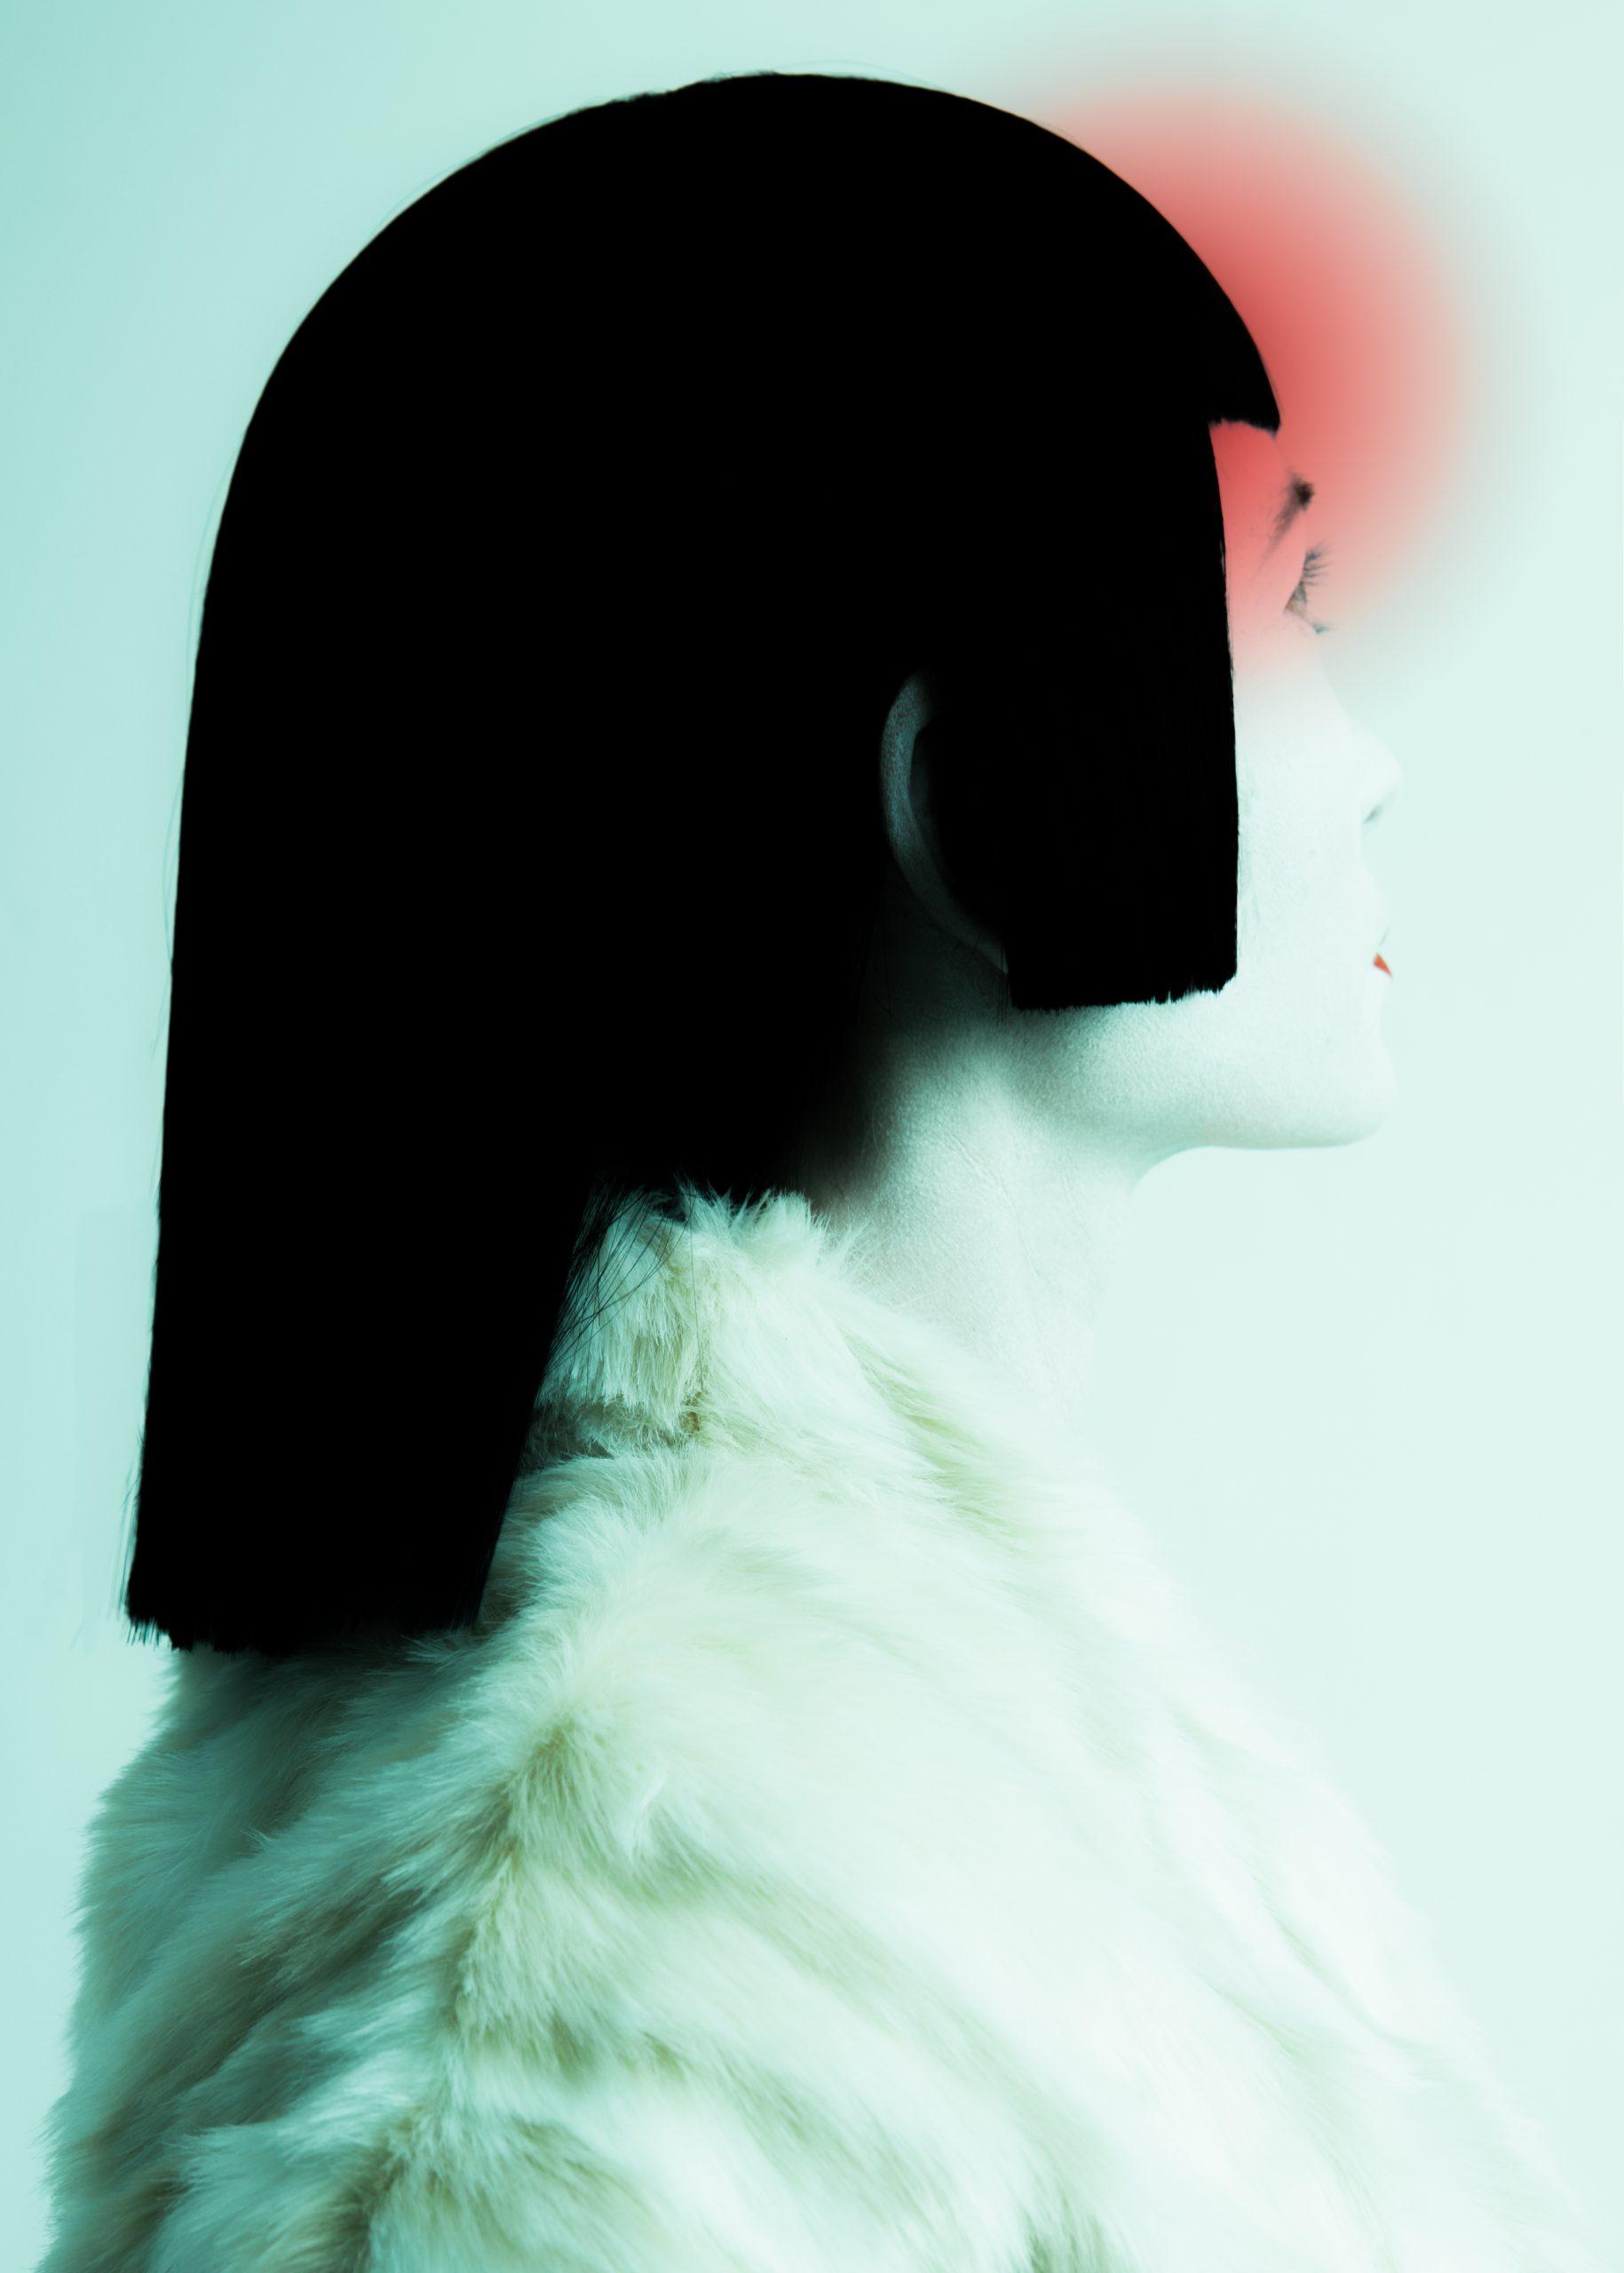 女人的艺术时装工作室肖像,作者:博阳·胡(Boyang Hu)